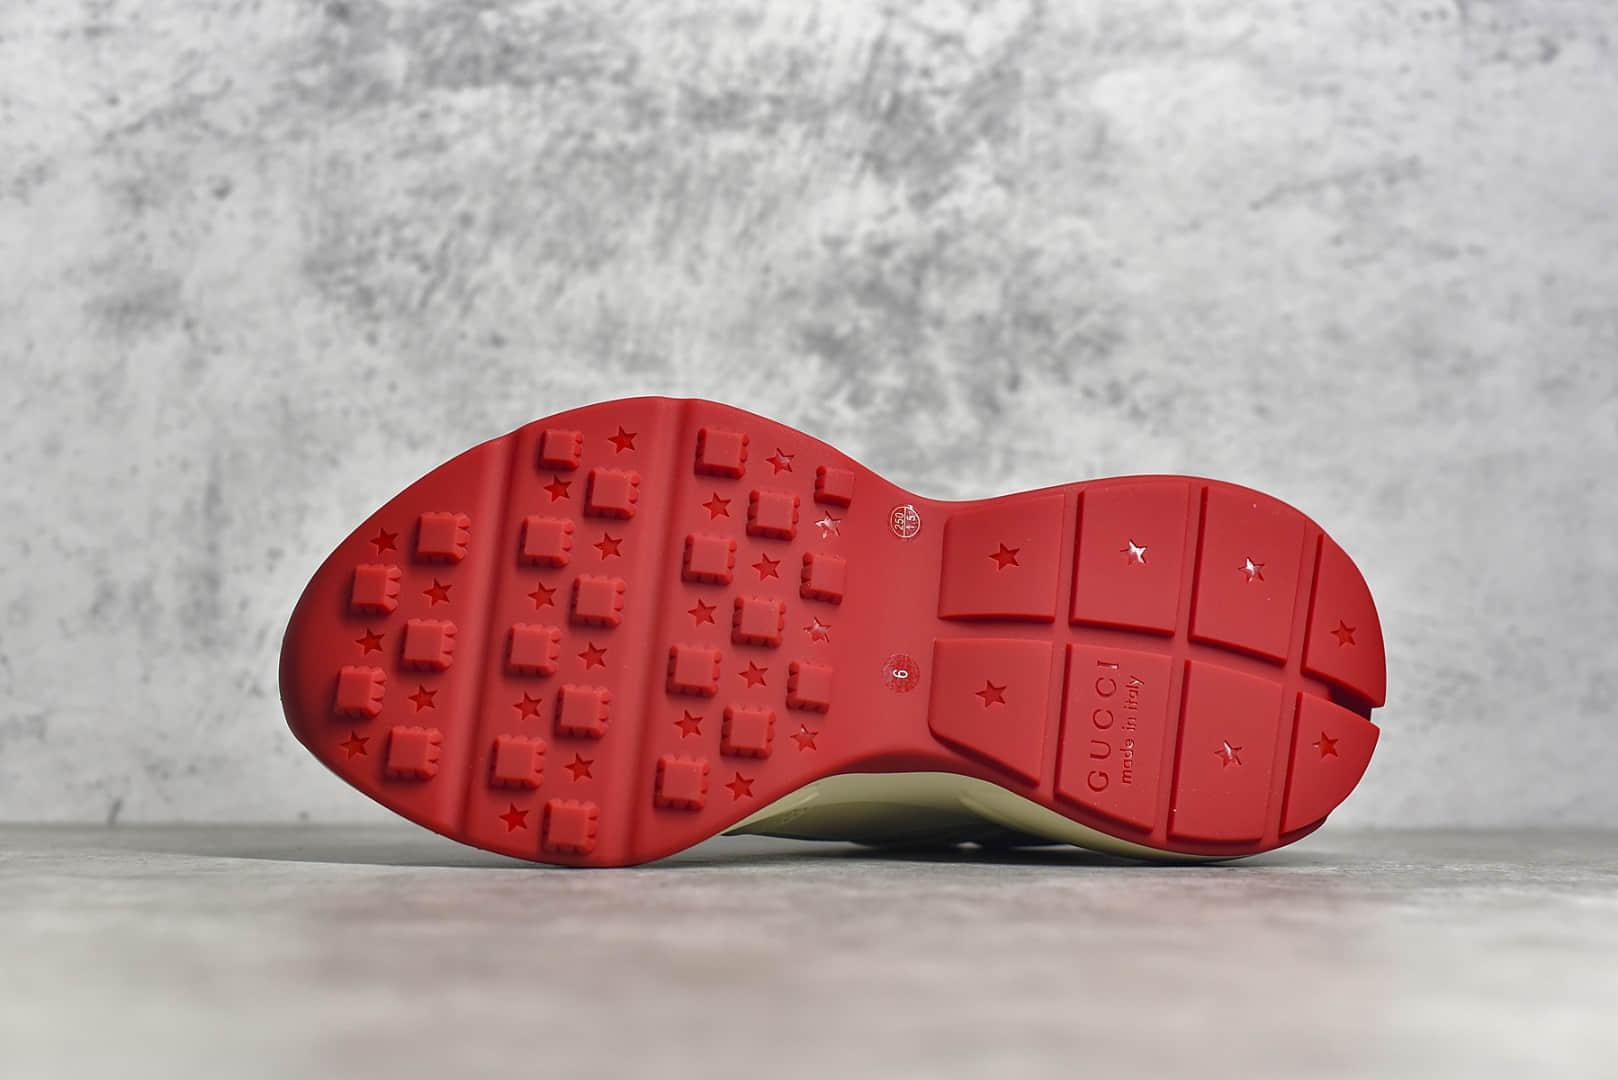 古驰哆啦A梦 古驰老爹鞋 广东顶级工厂Gucci Rhyton Vintage Trainer Sneaker 古驰带芯片精品老爹鞋-潮流者之家